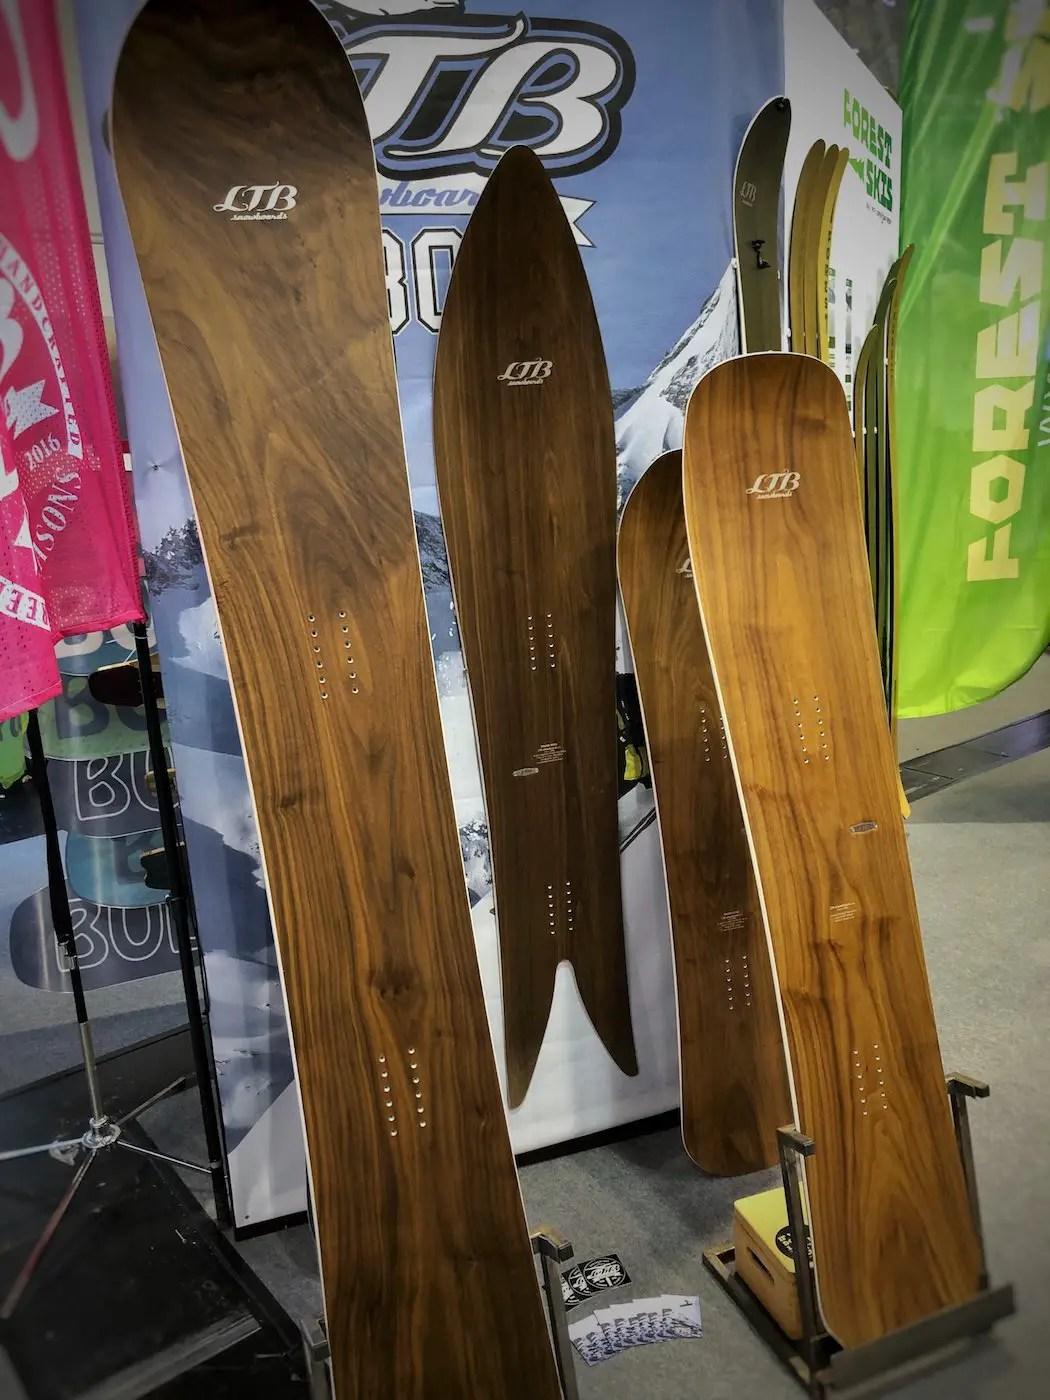 Holz ist ein Thema im Ski- und Snowboard-Sport